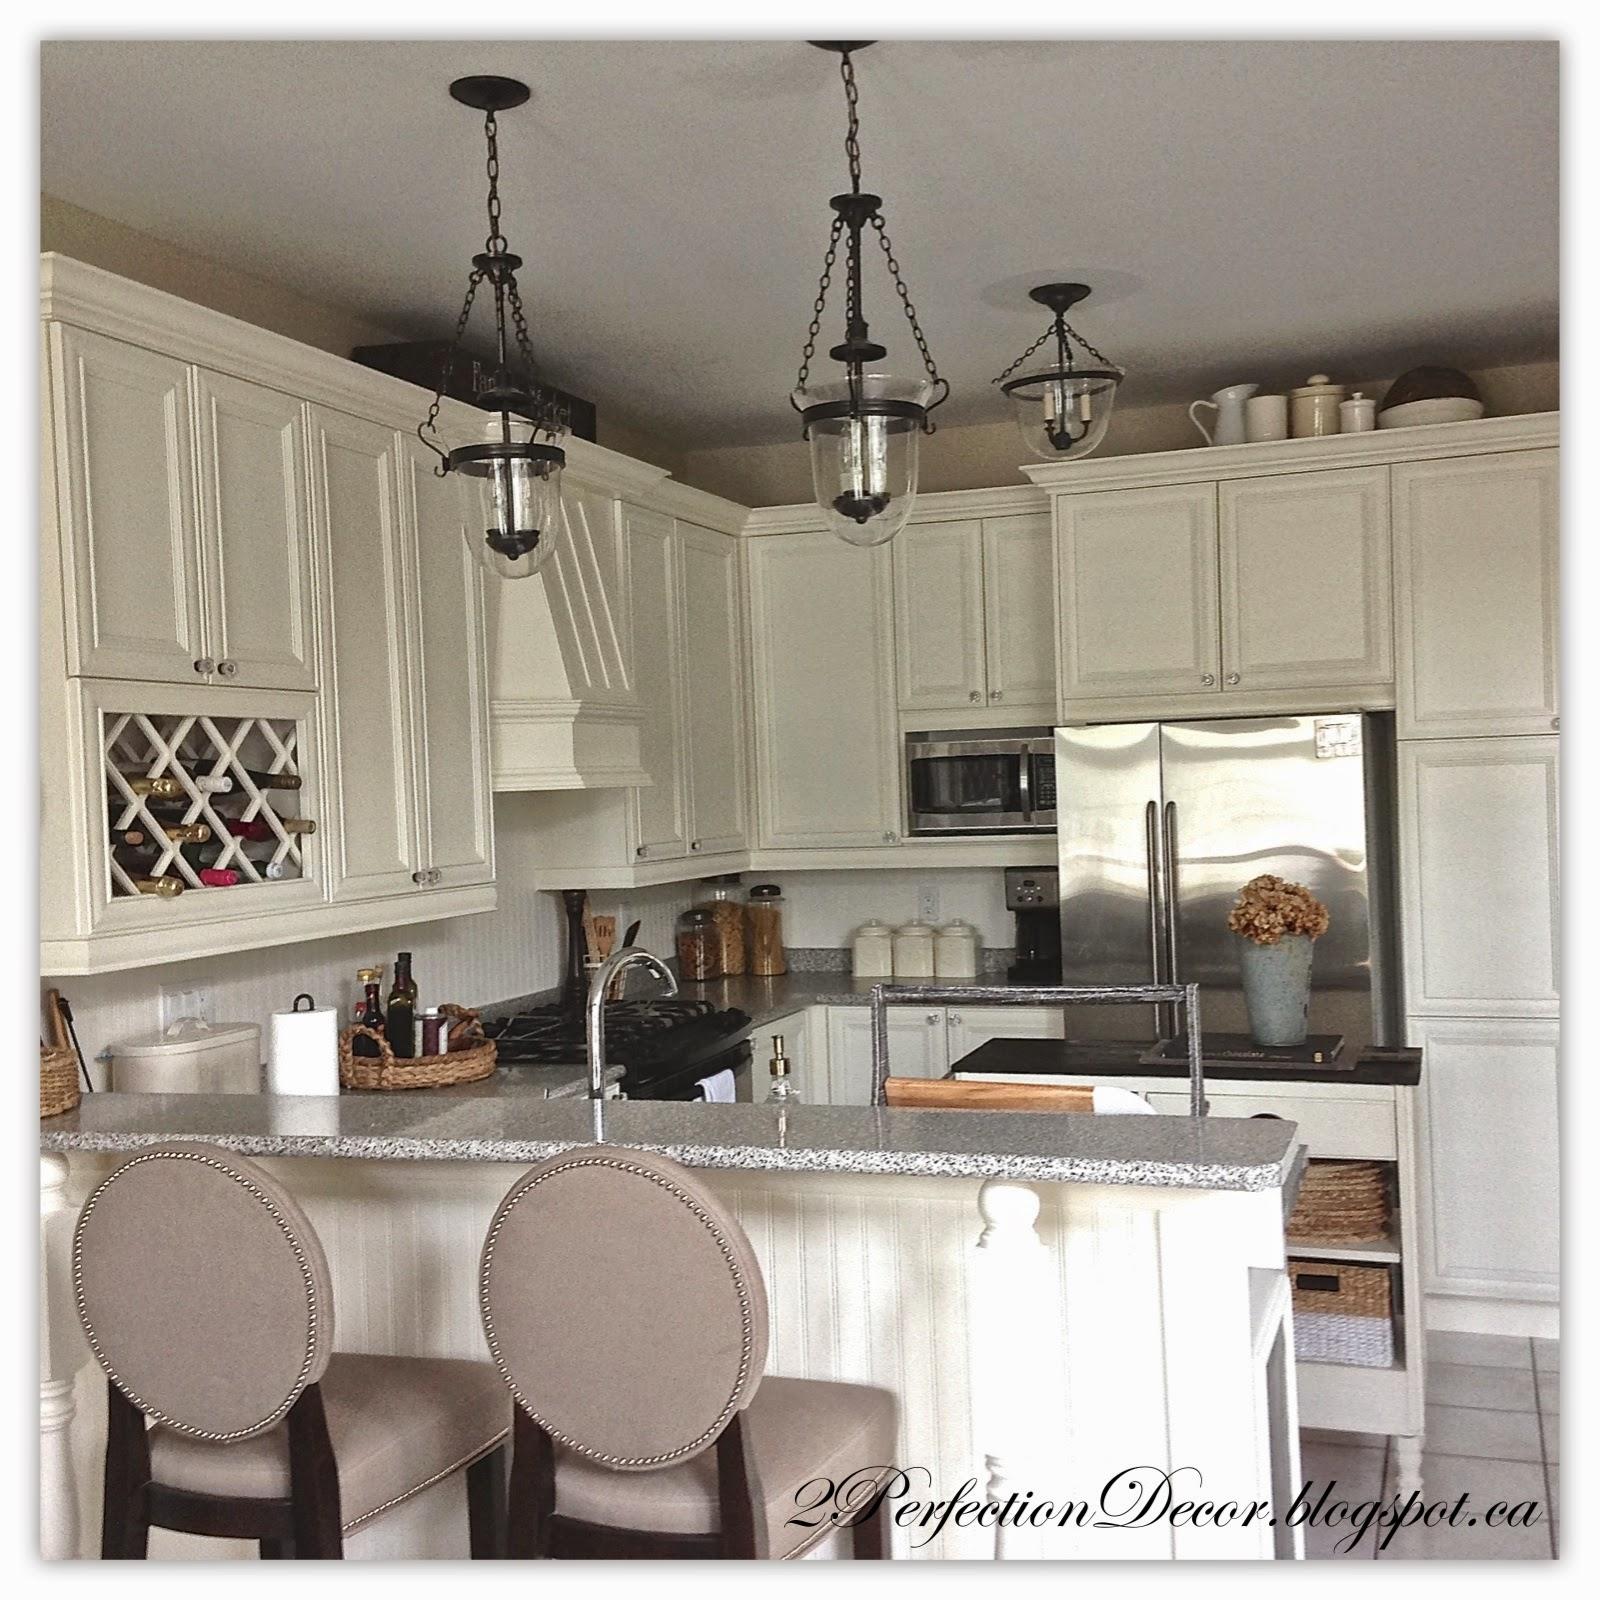 rona kitchen island lighting myideasbedroom com 100 large kitchen island adds style rona kitchen